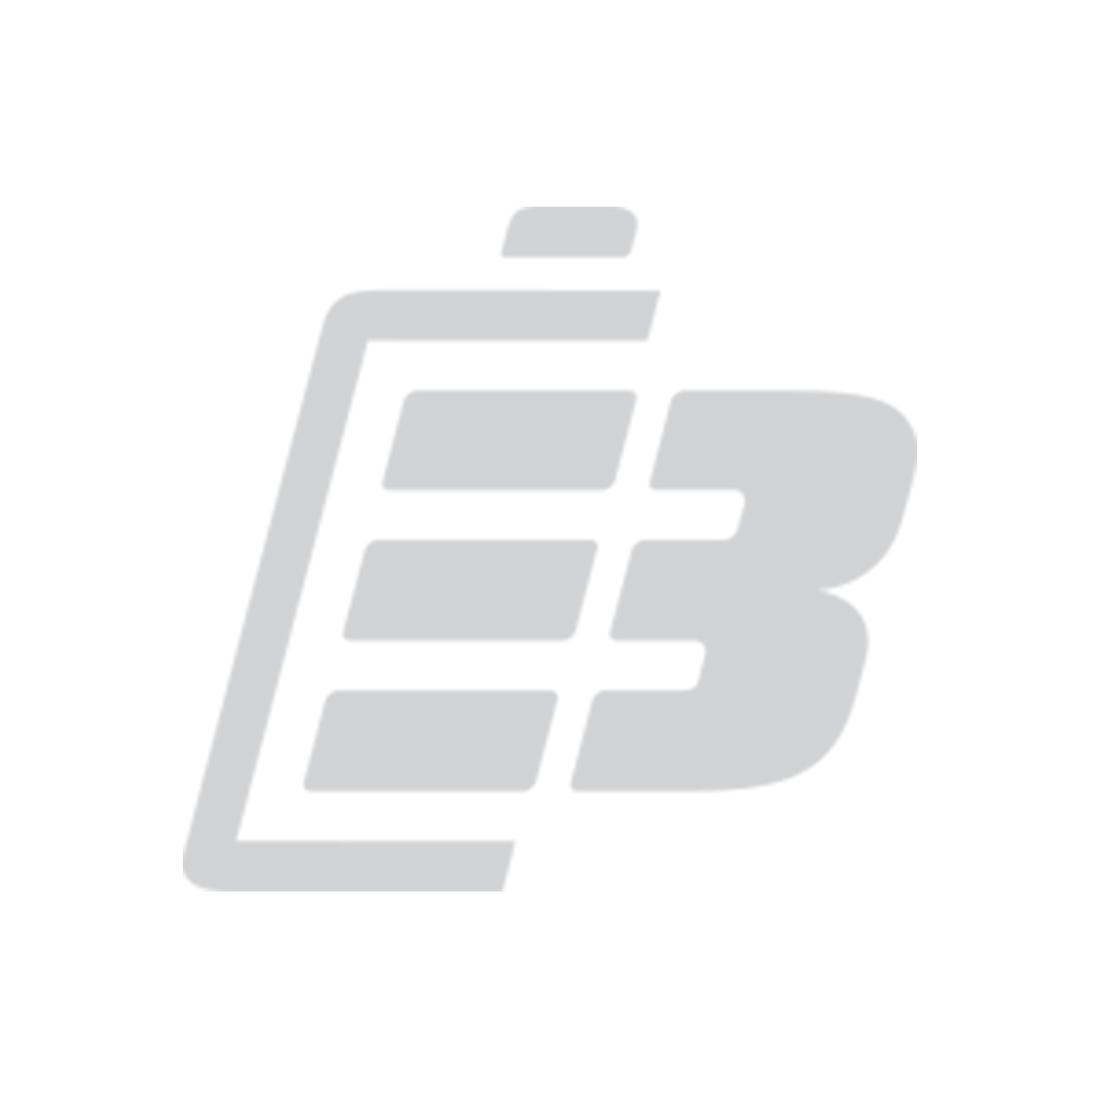 Μπαταρια Επαναφορτιζομενη C Duracell HR14 3000mah 1